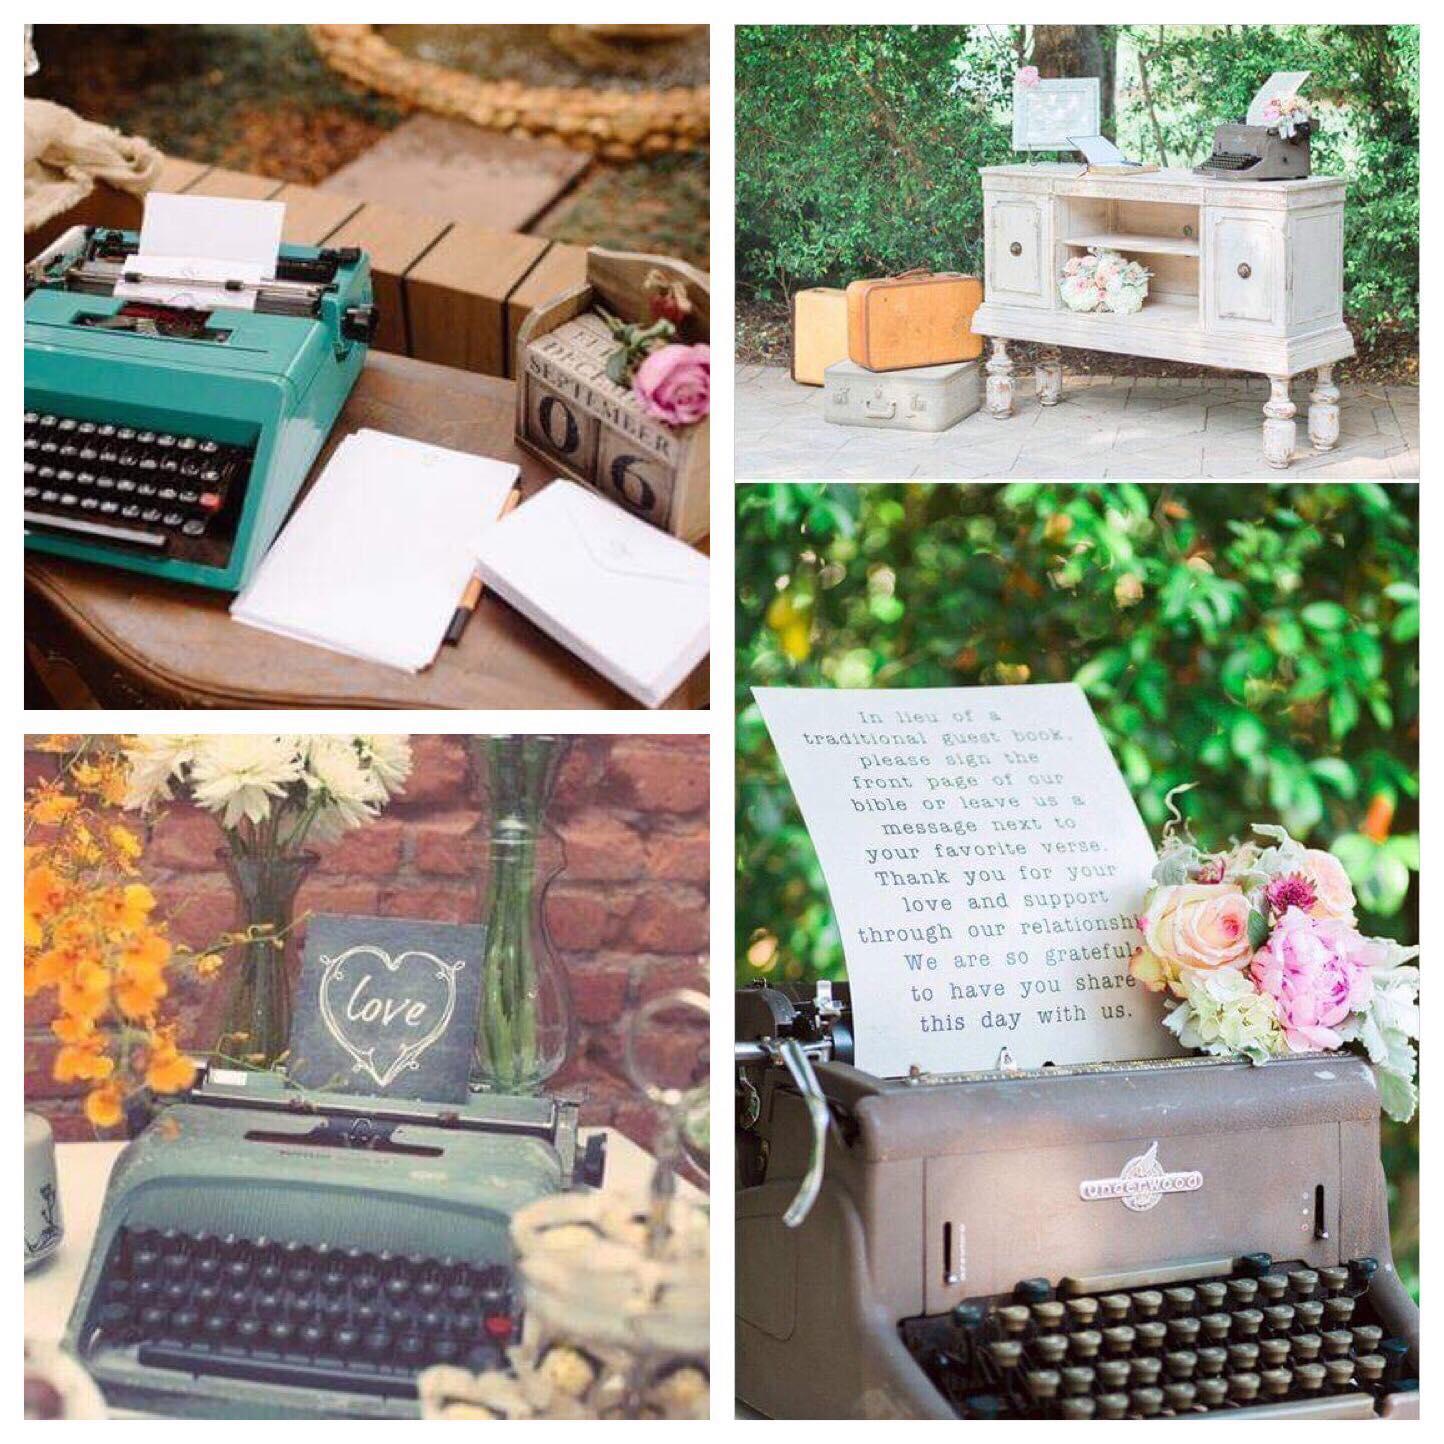 Máquina de escrever - decor casamento - PJ